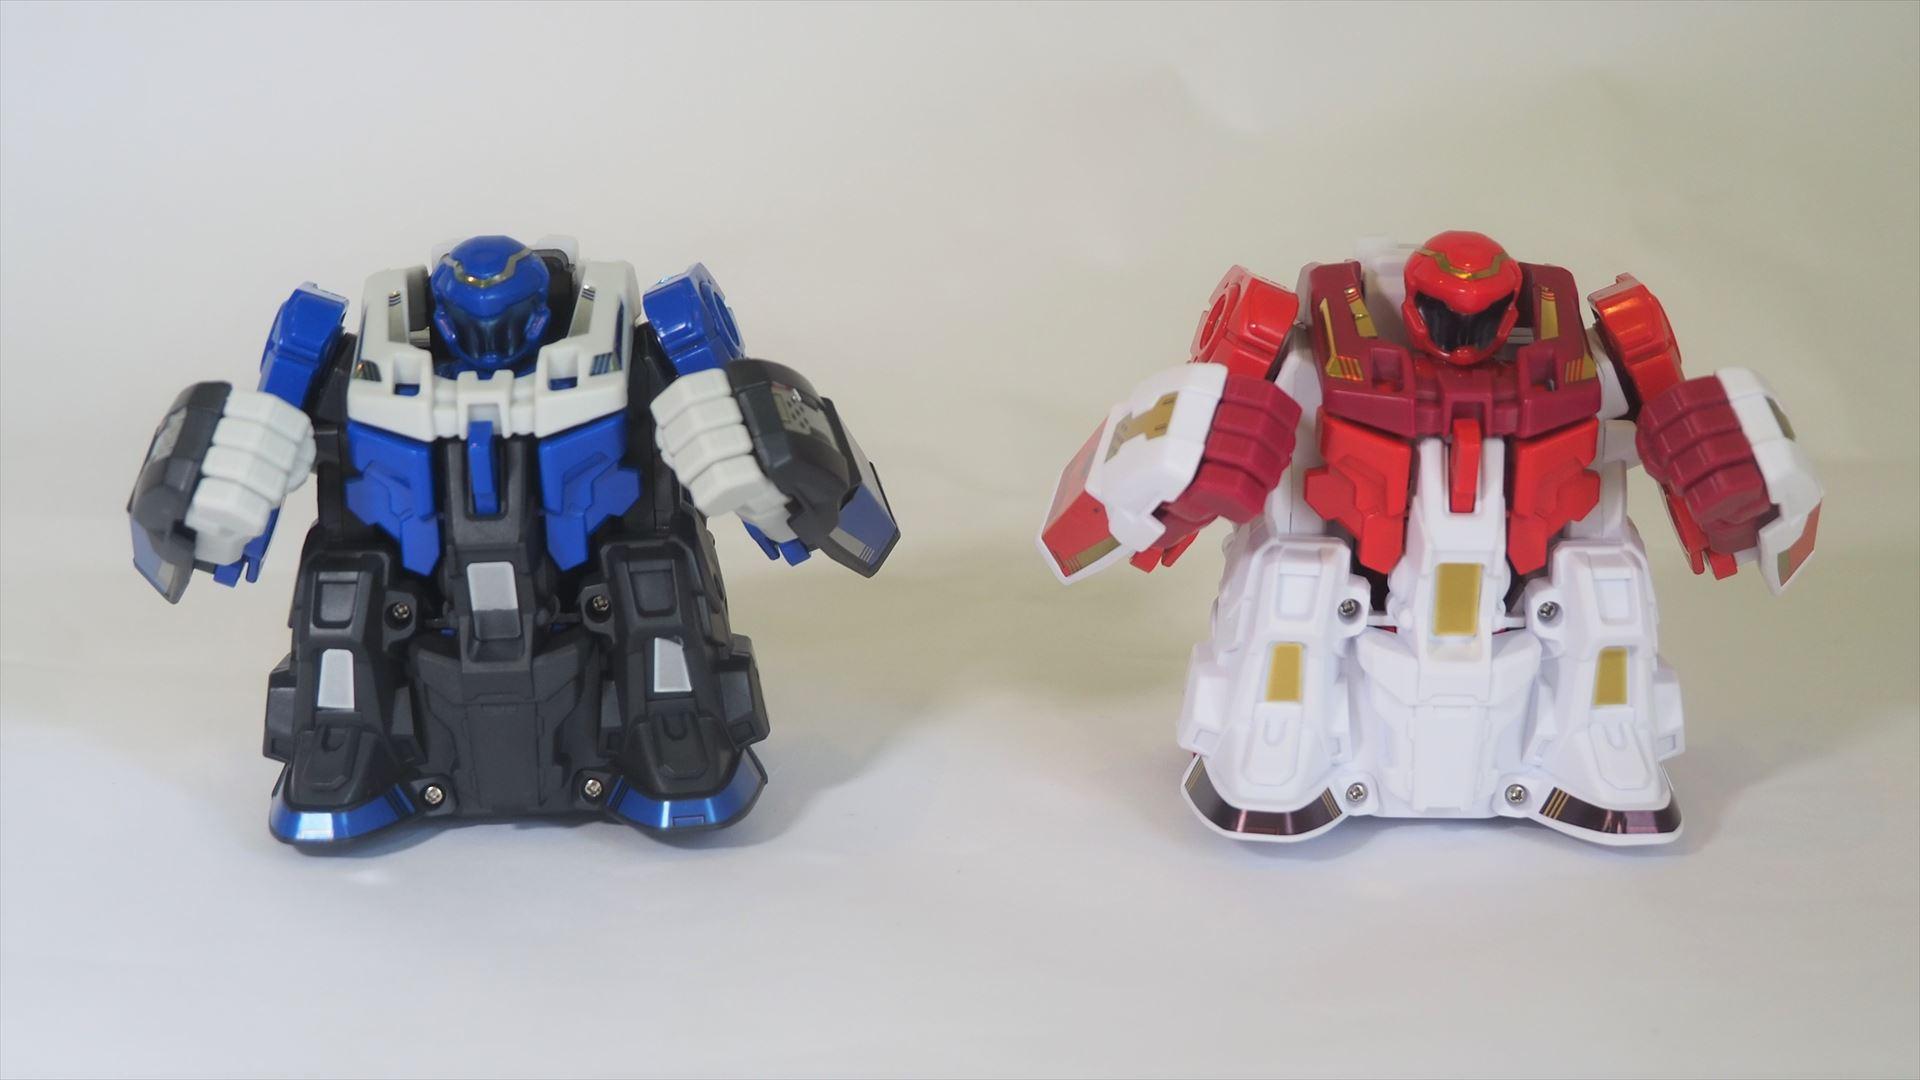 左の青いロボットが「ブルー・バギッスマッシュ」で、右の赤いロボットが「レッド・ドンッバスター」